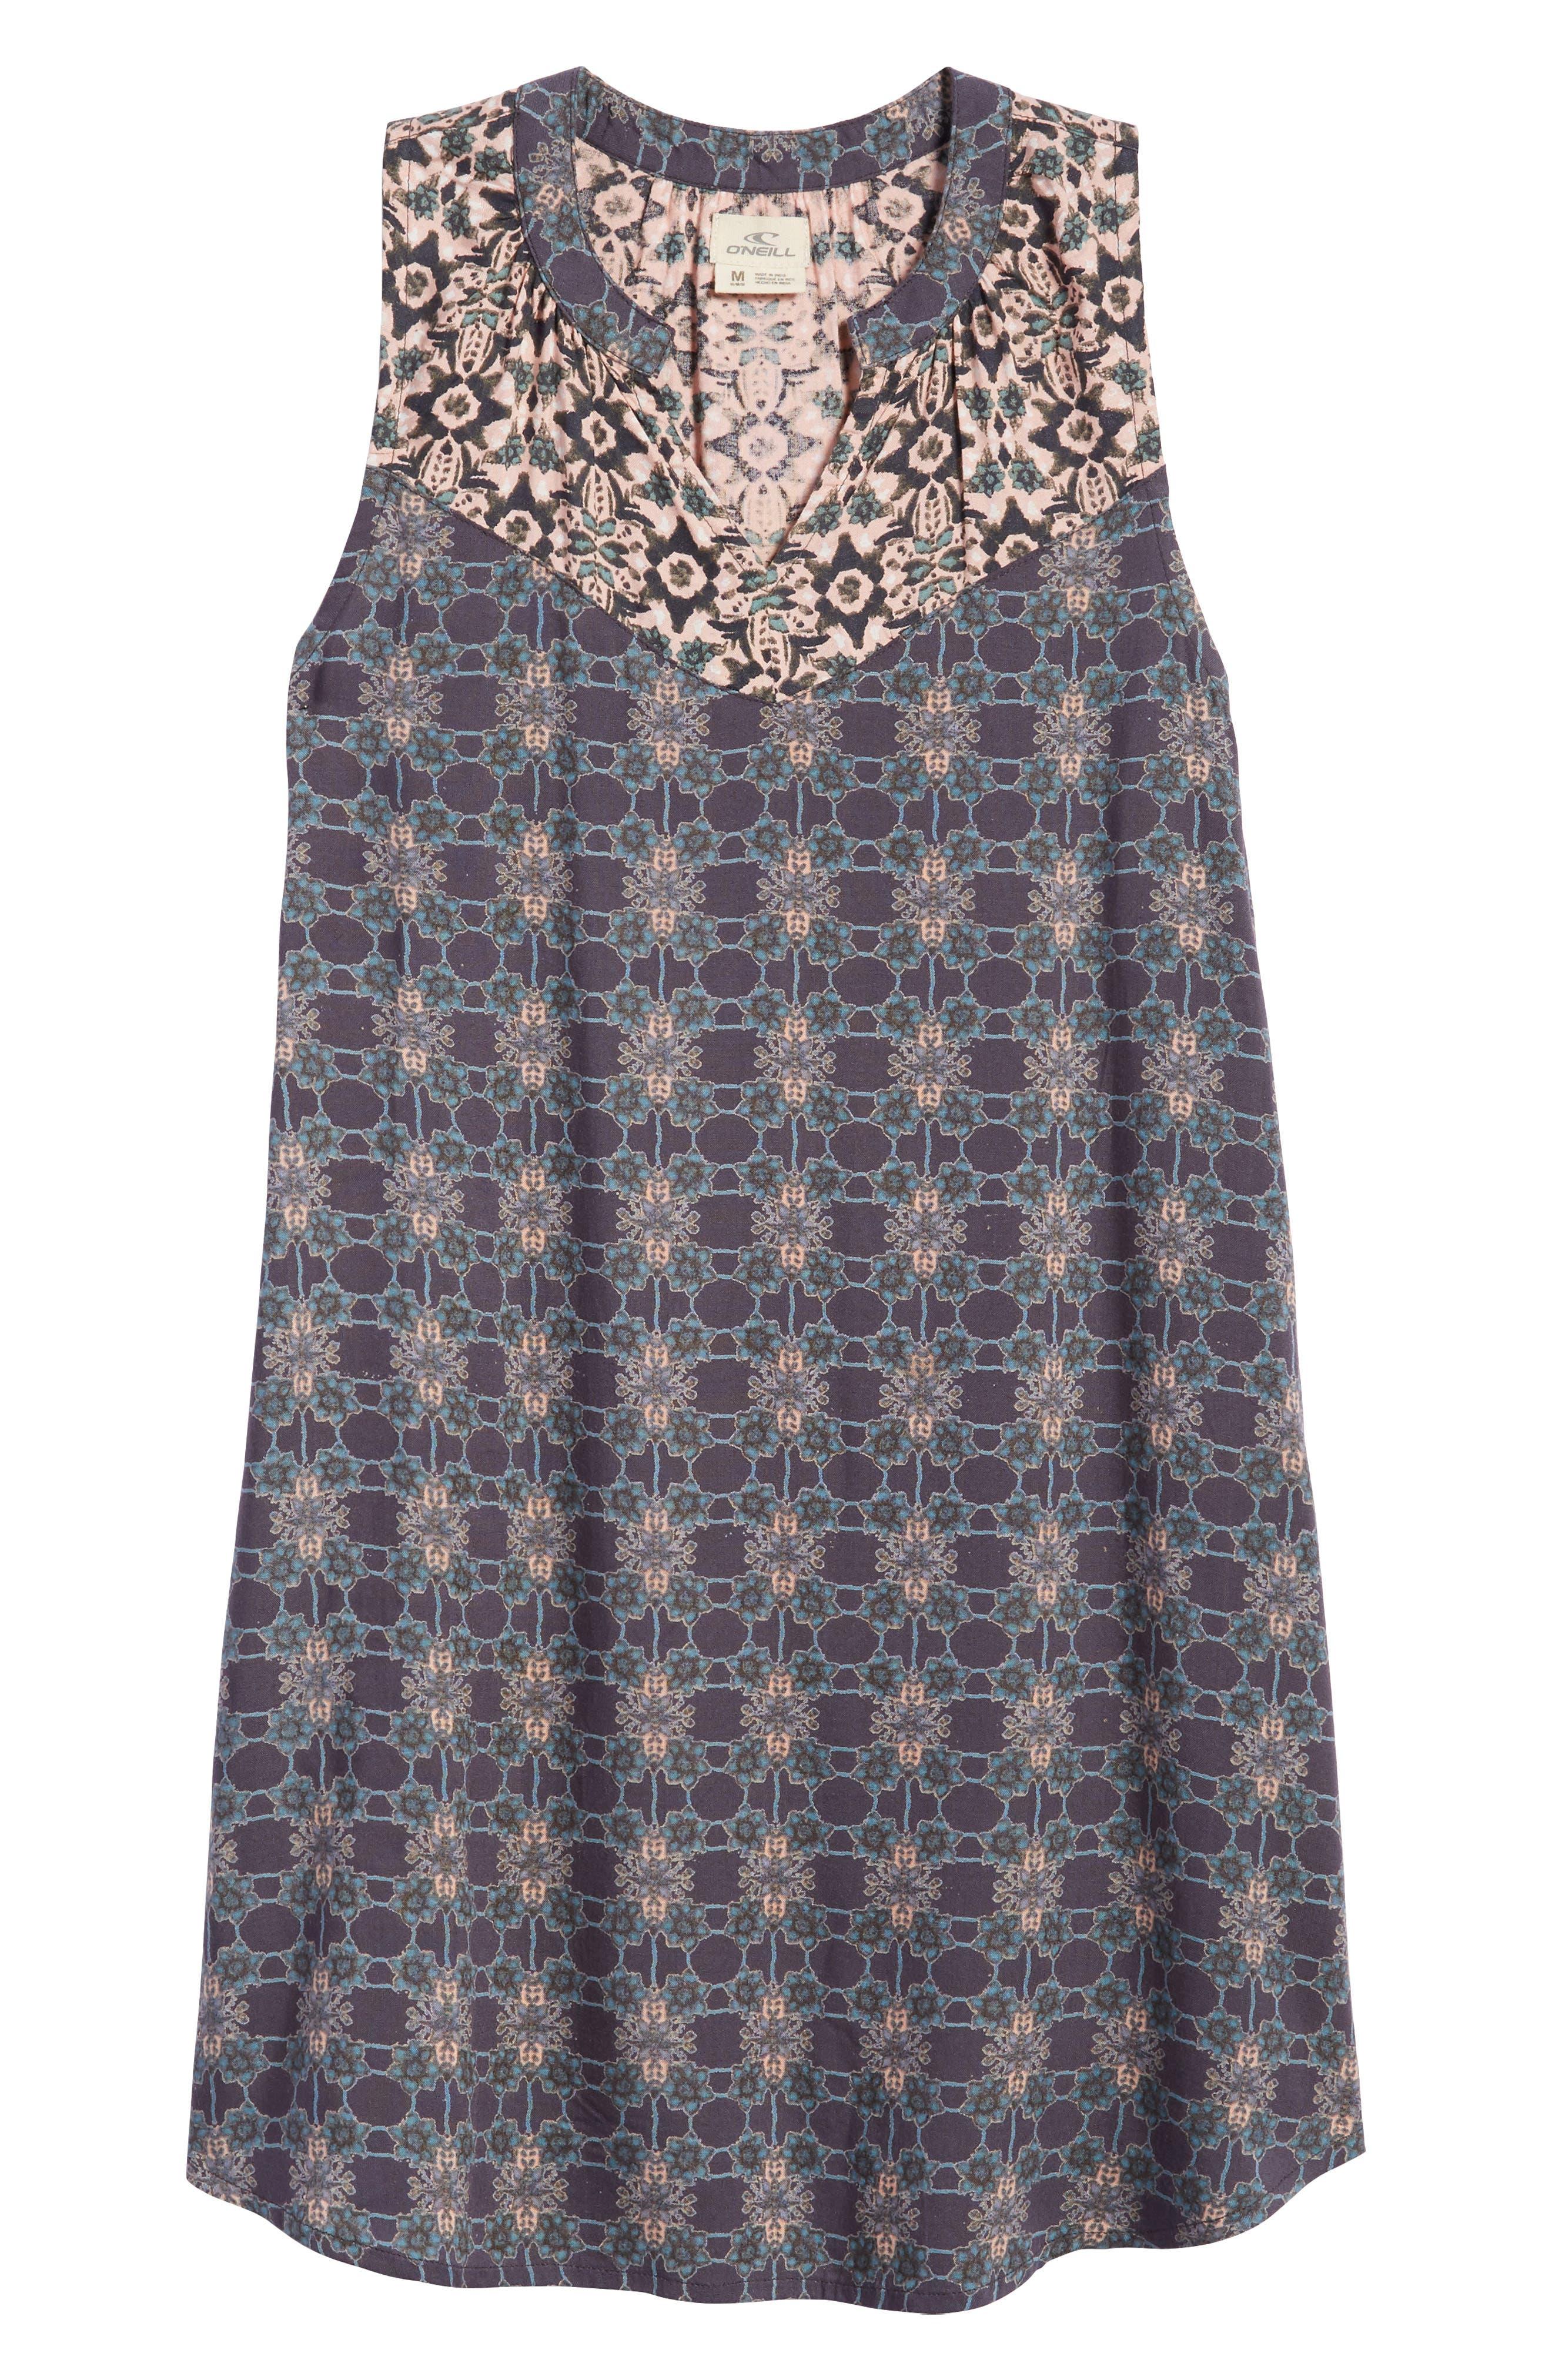 Gina Mixed Print Dress,                         Main,                         color, 021